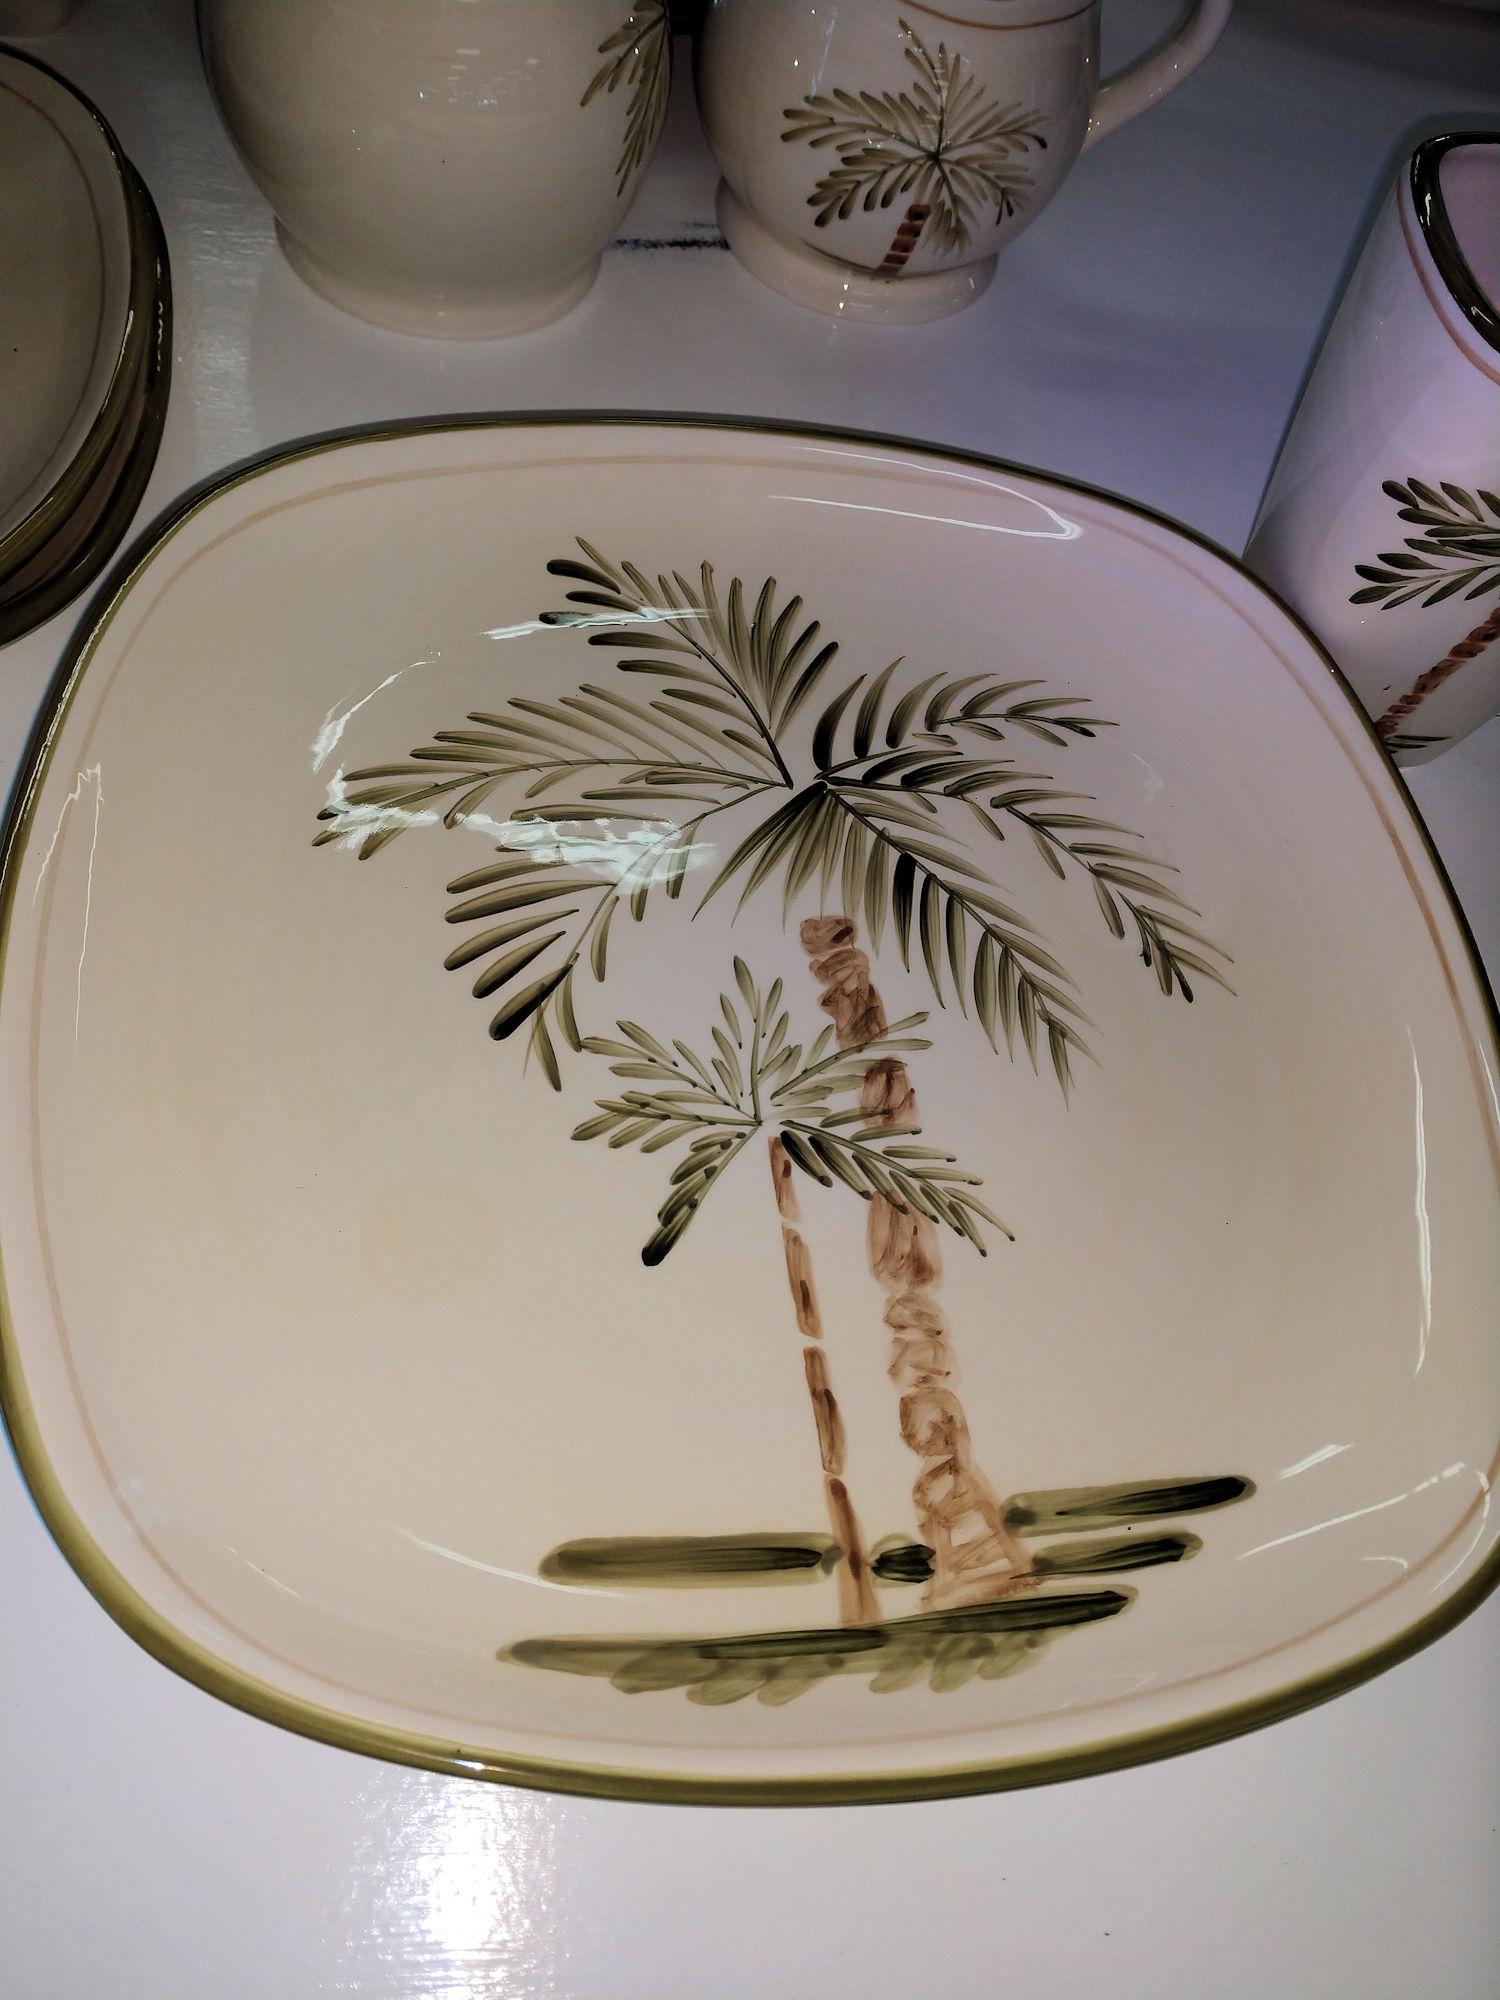 KK0105-Dishes-PalmCourt